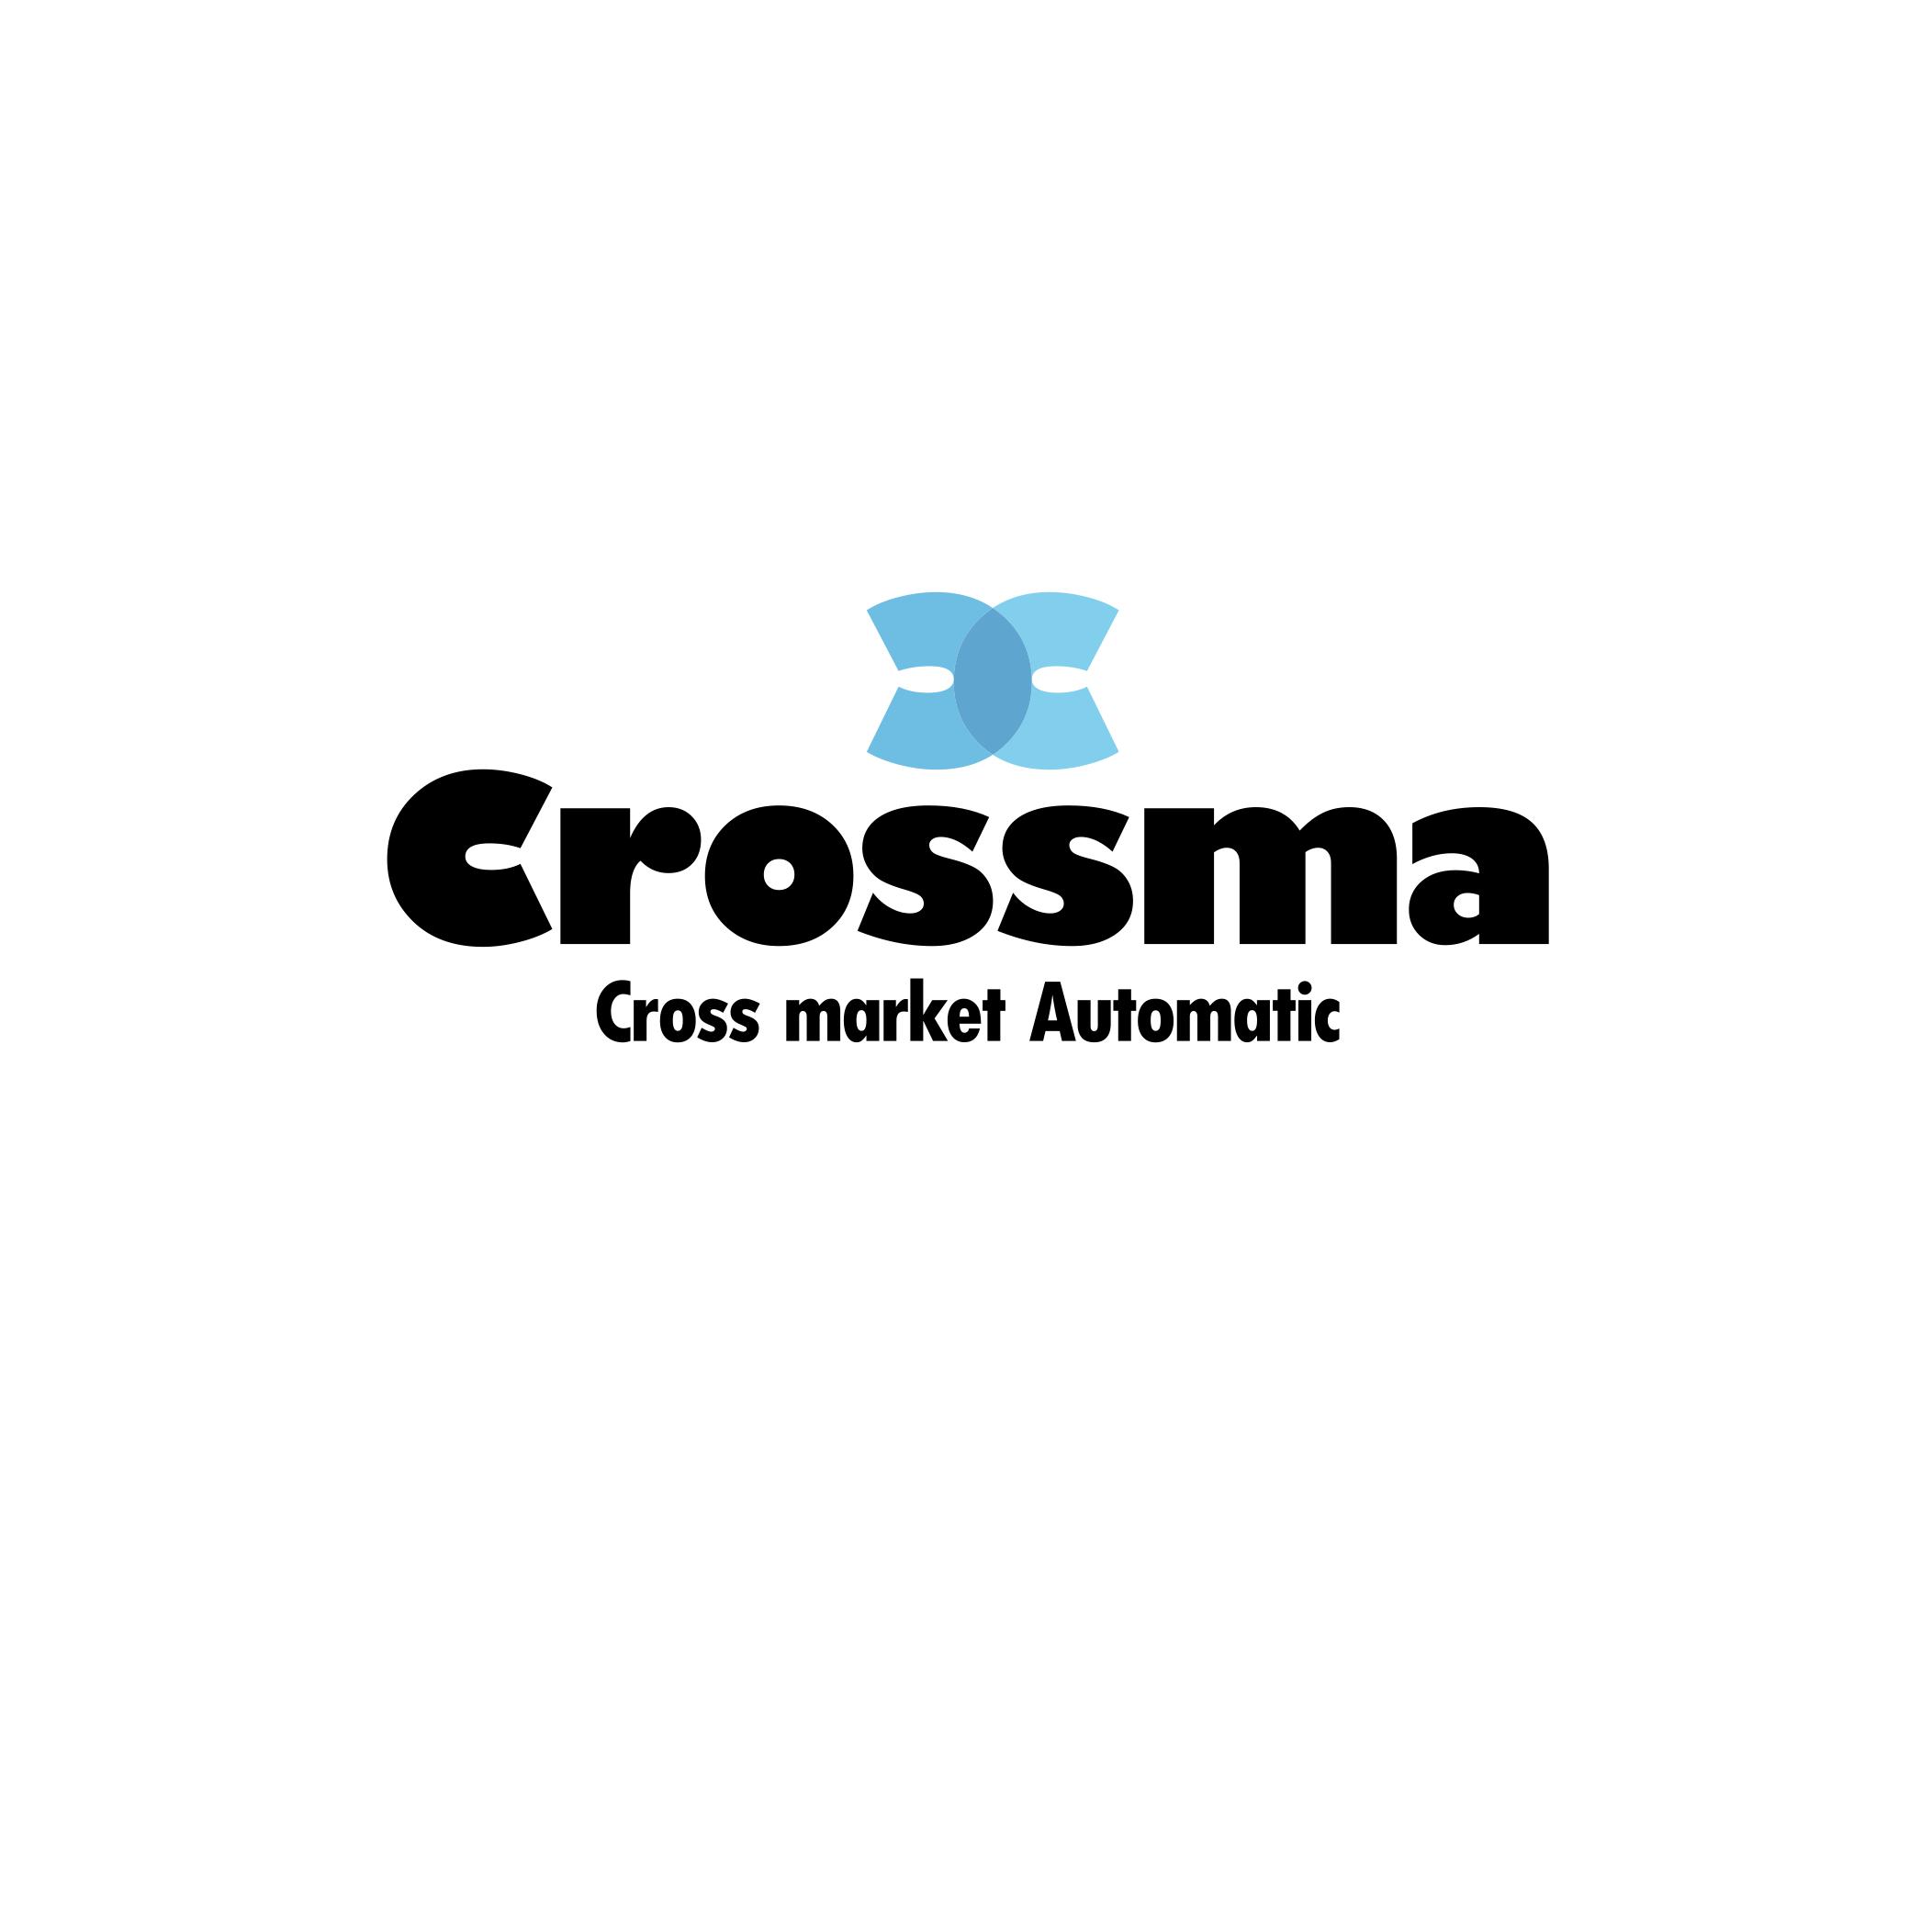 クロスマ(受注管理・自動出荷システム) イメージ画像